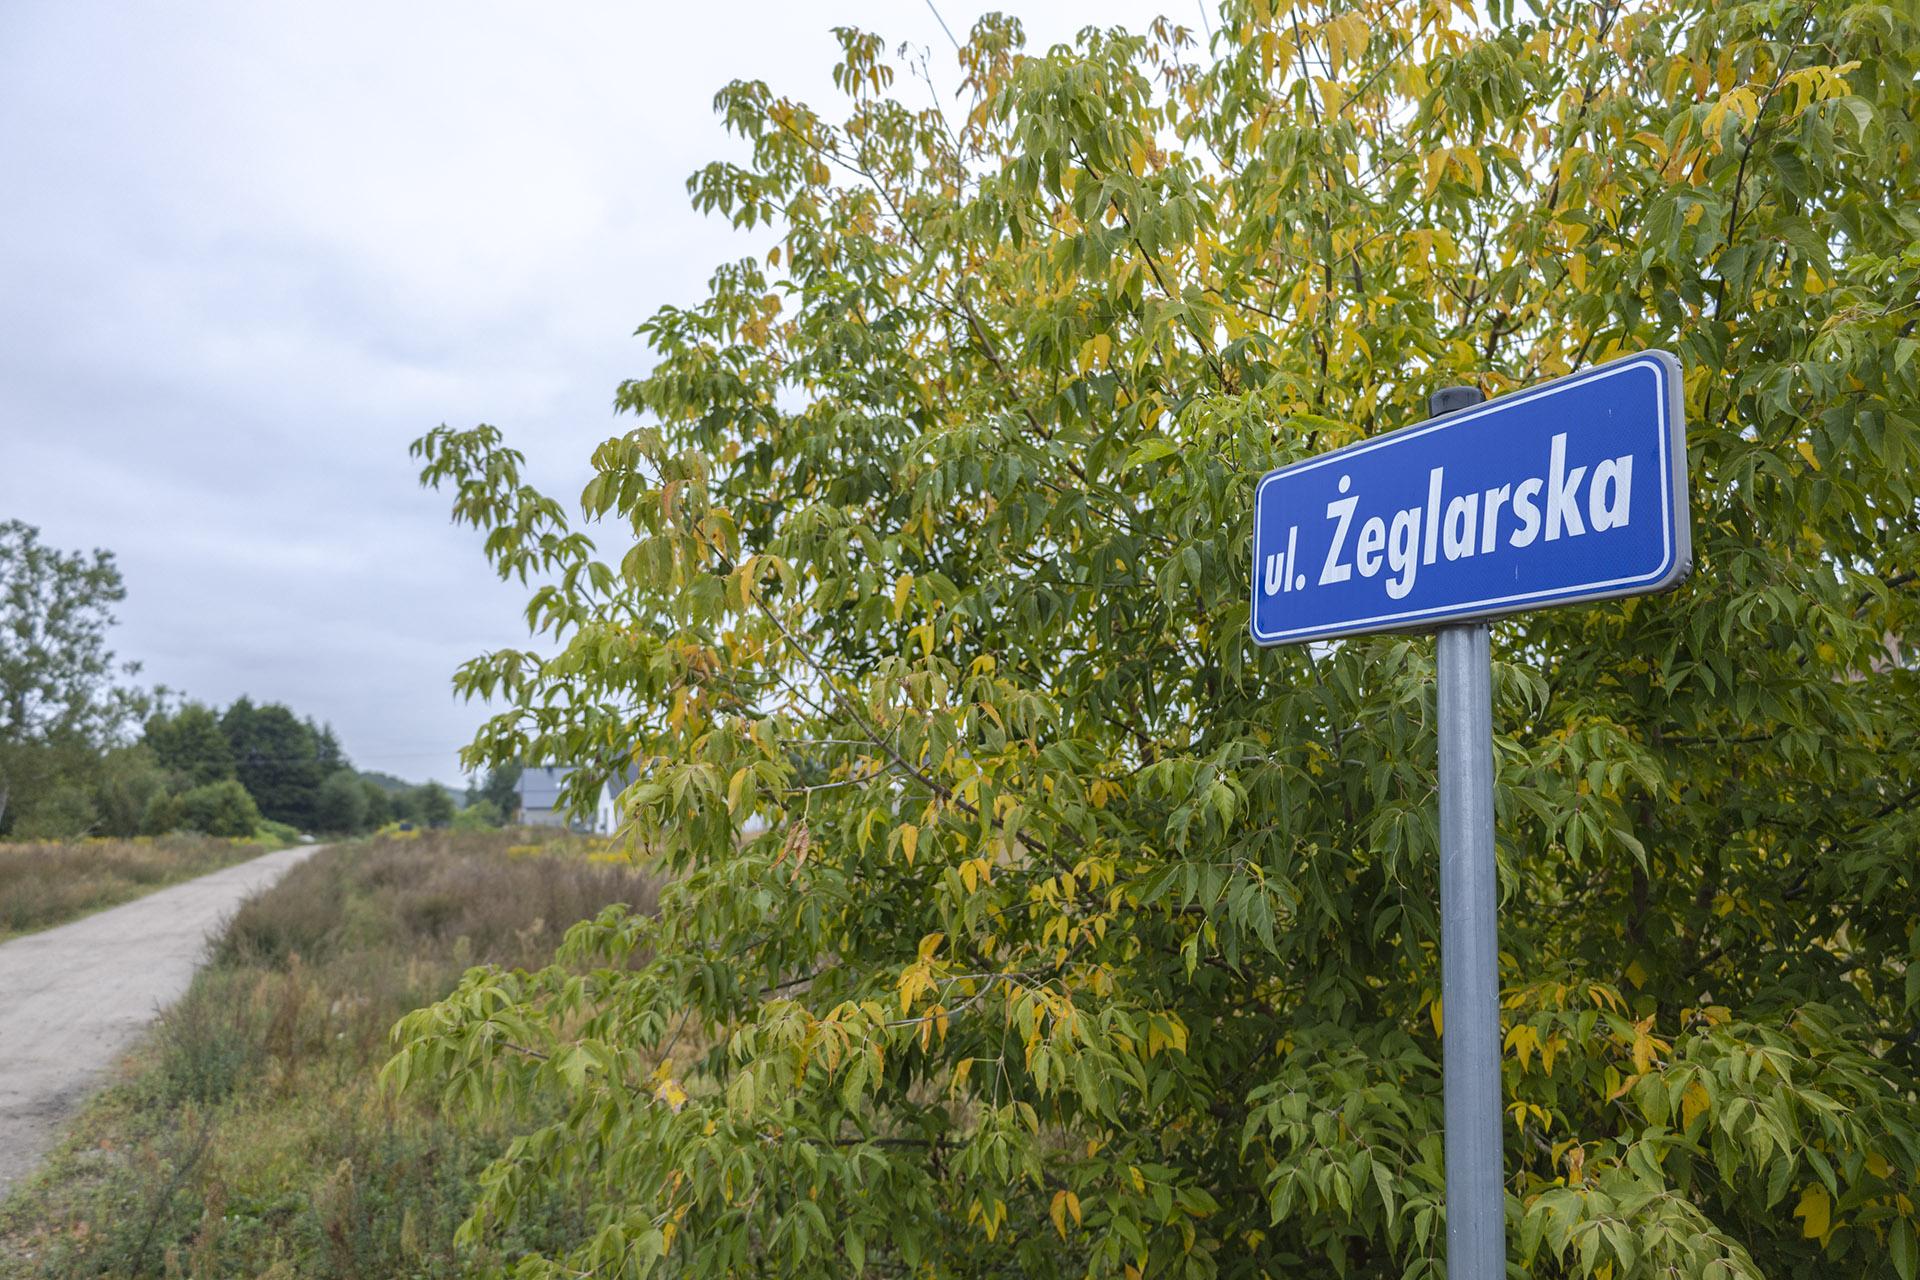 Ulica Żeglarska to jedna z najnowszych ulic w Pile. Fot. Marcin Maziarz